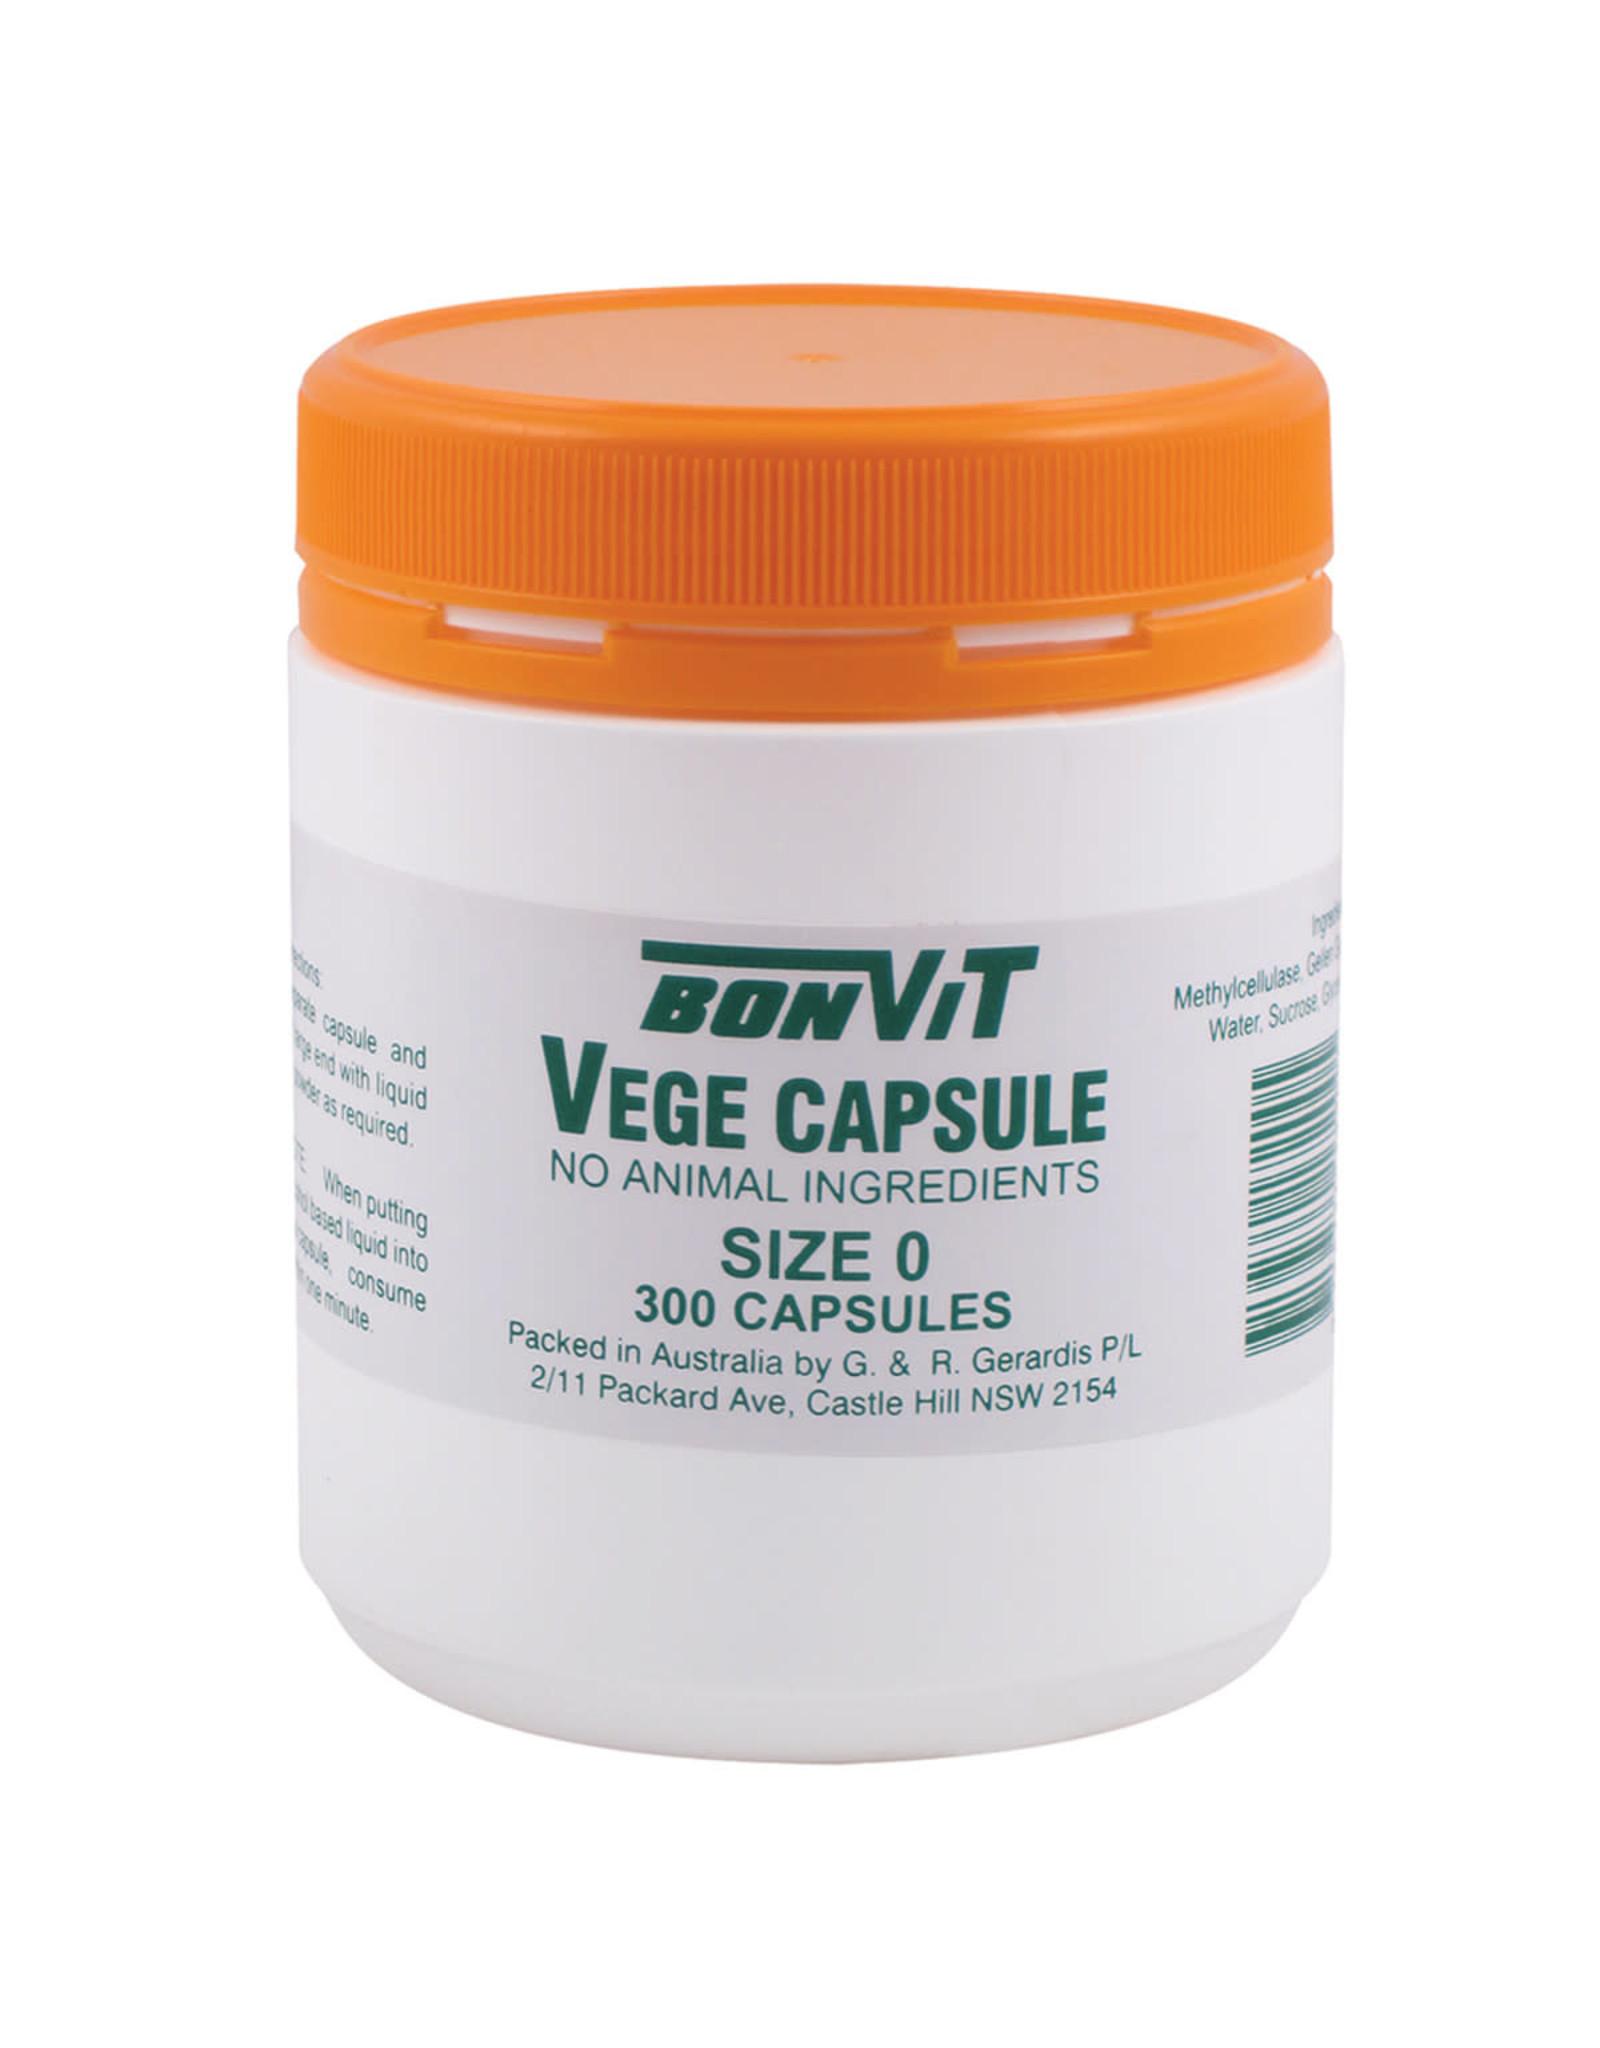 Bonvit Empty Capsules Size '0' Vege Caps - 300c